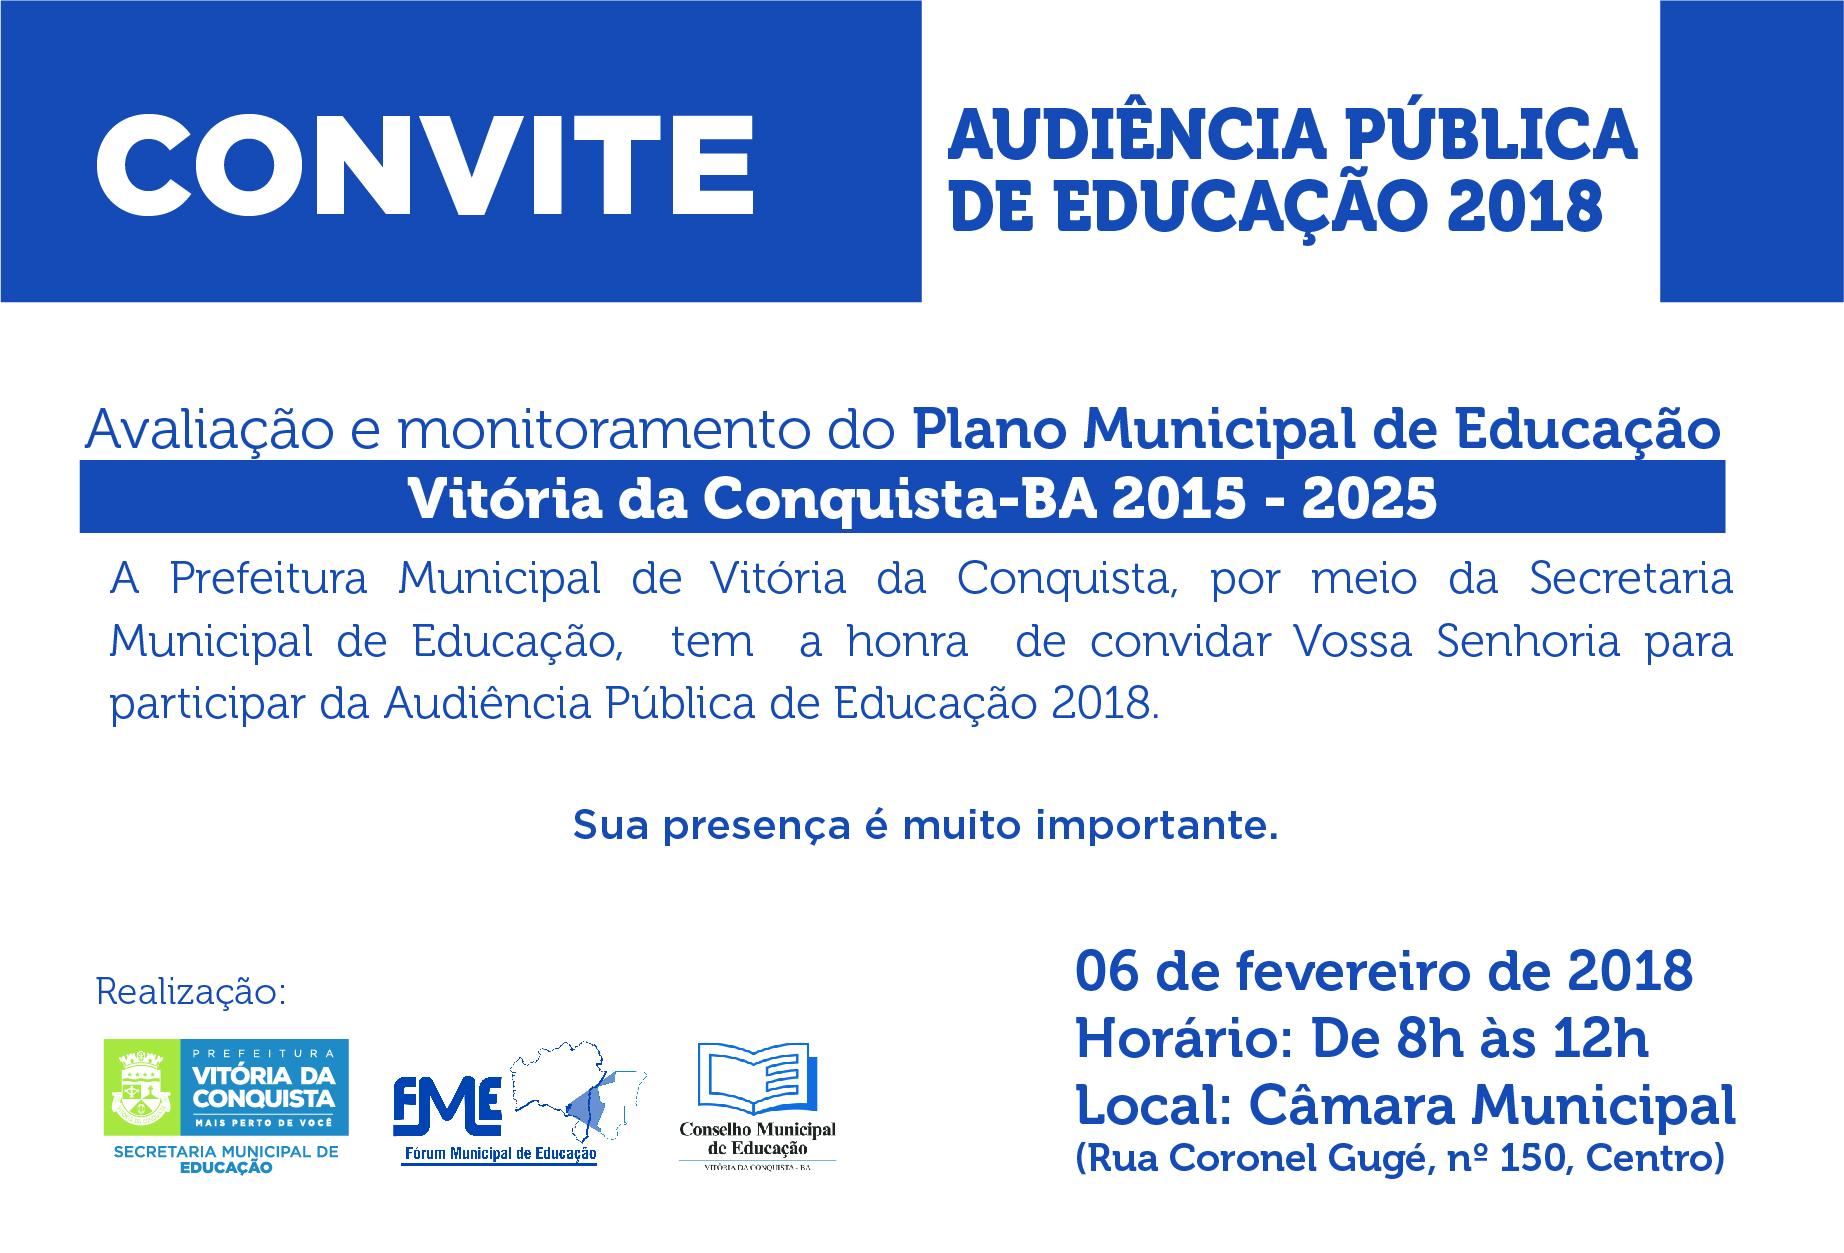 Convite_Audiência Pública-Corrigido (2)